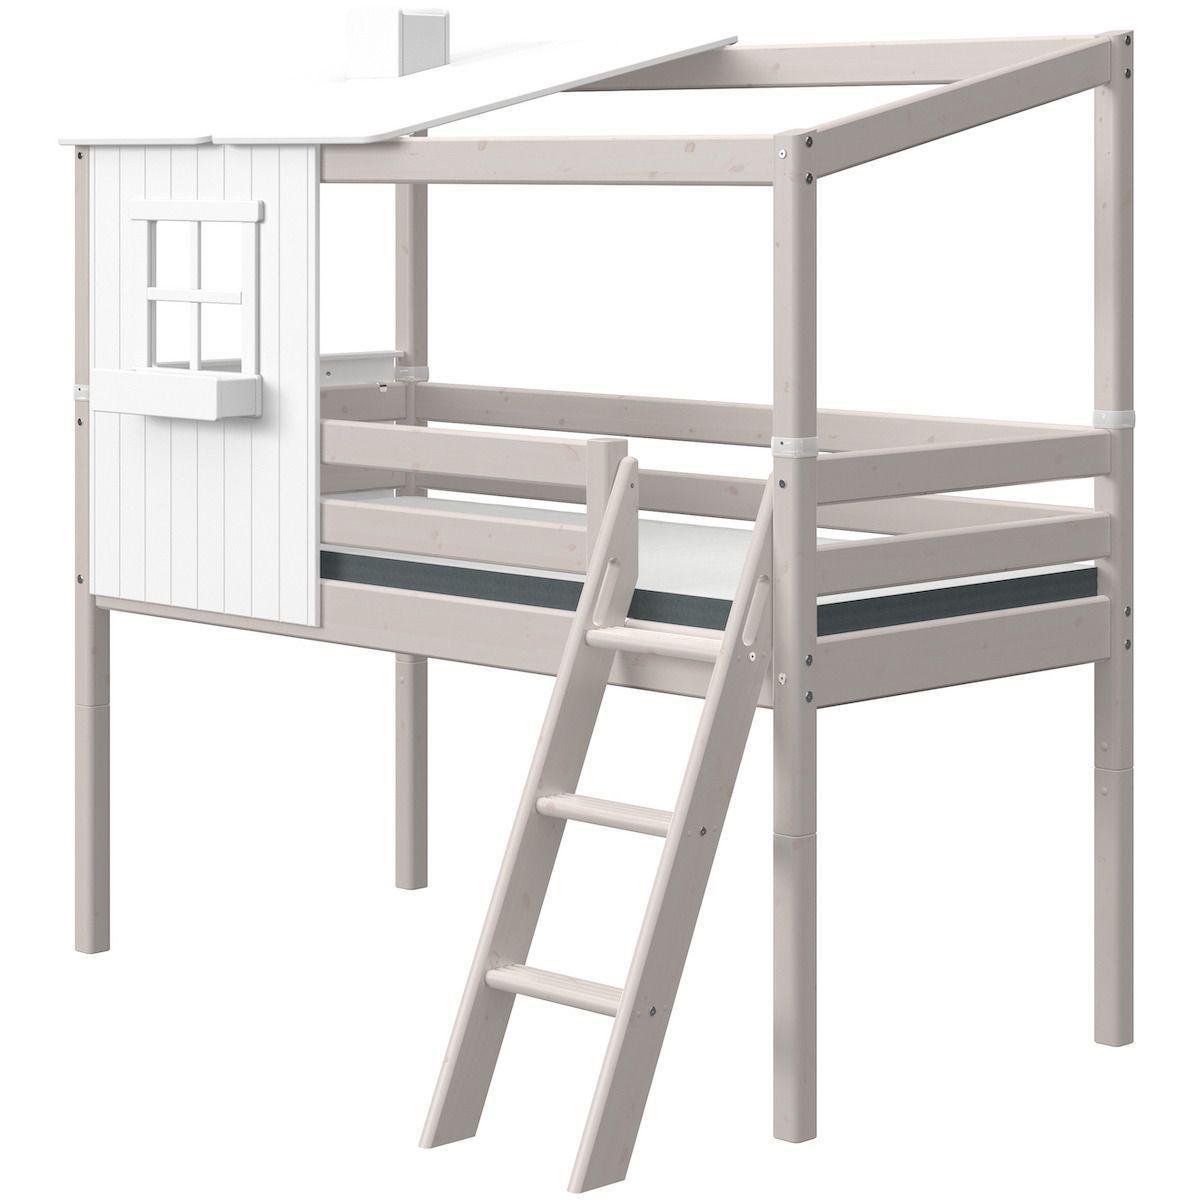 Halbhoch Spielbett mitwachsend 90x200cm 1-2 PLAY HOUSE CLASSIC Flexa weiß-grey washed